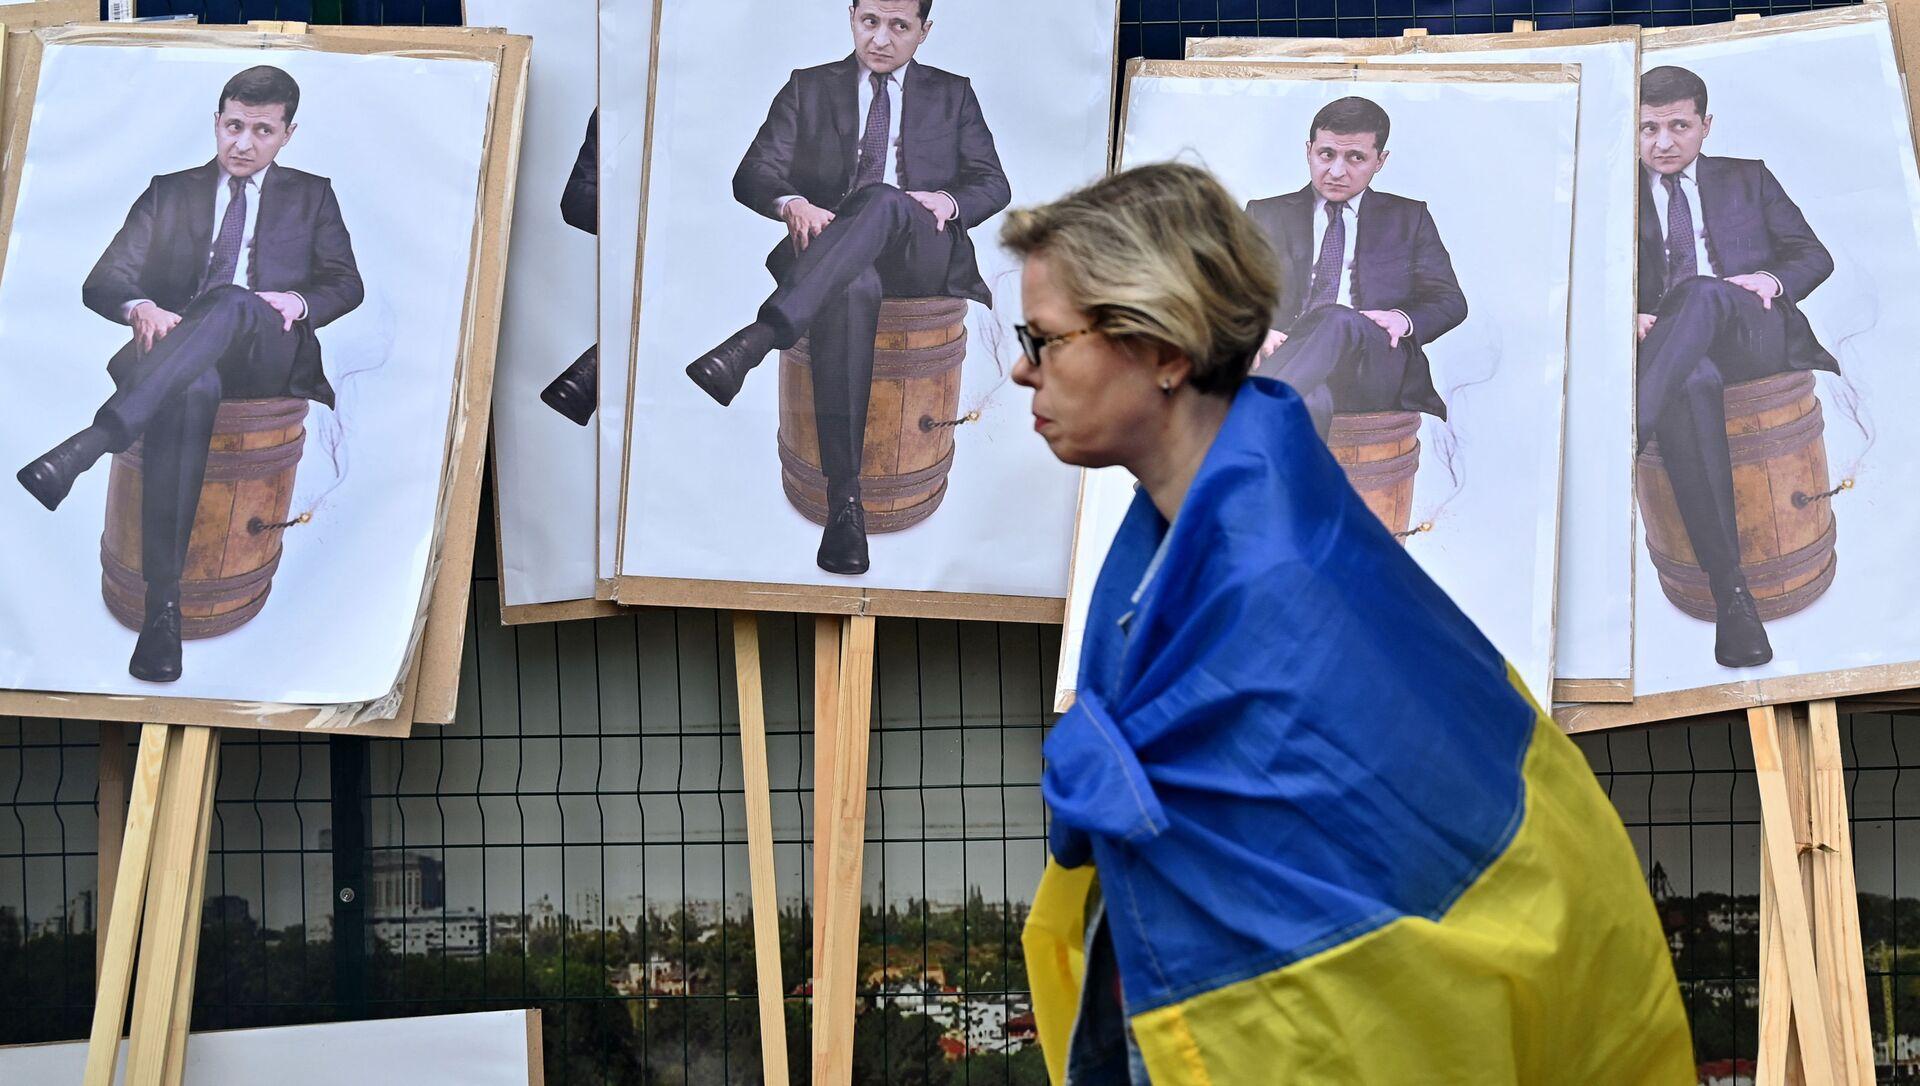 Женщина с флагом Украины проходит мимо плакатов с изображением Владимира Зеленского в Киеве, фото из архива - Sputnik Азербайджан, 1920, 21.08.2021